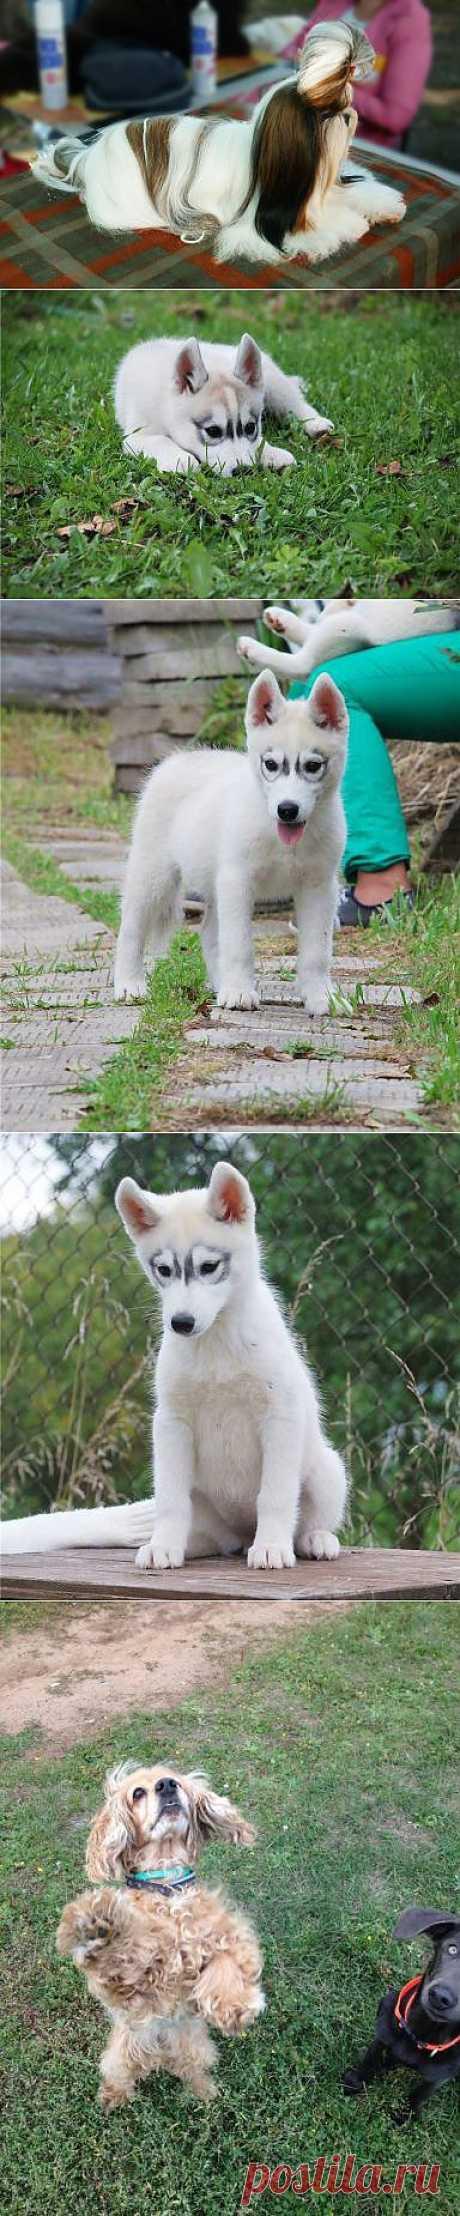 популярные фото собак